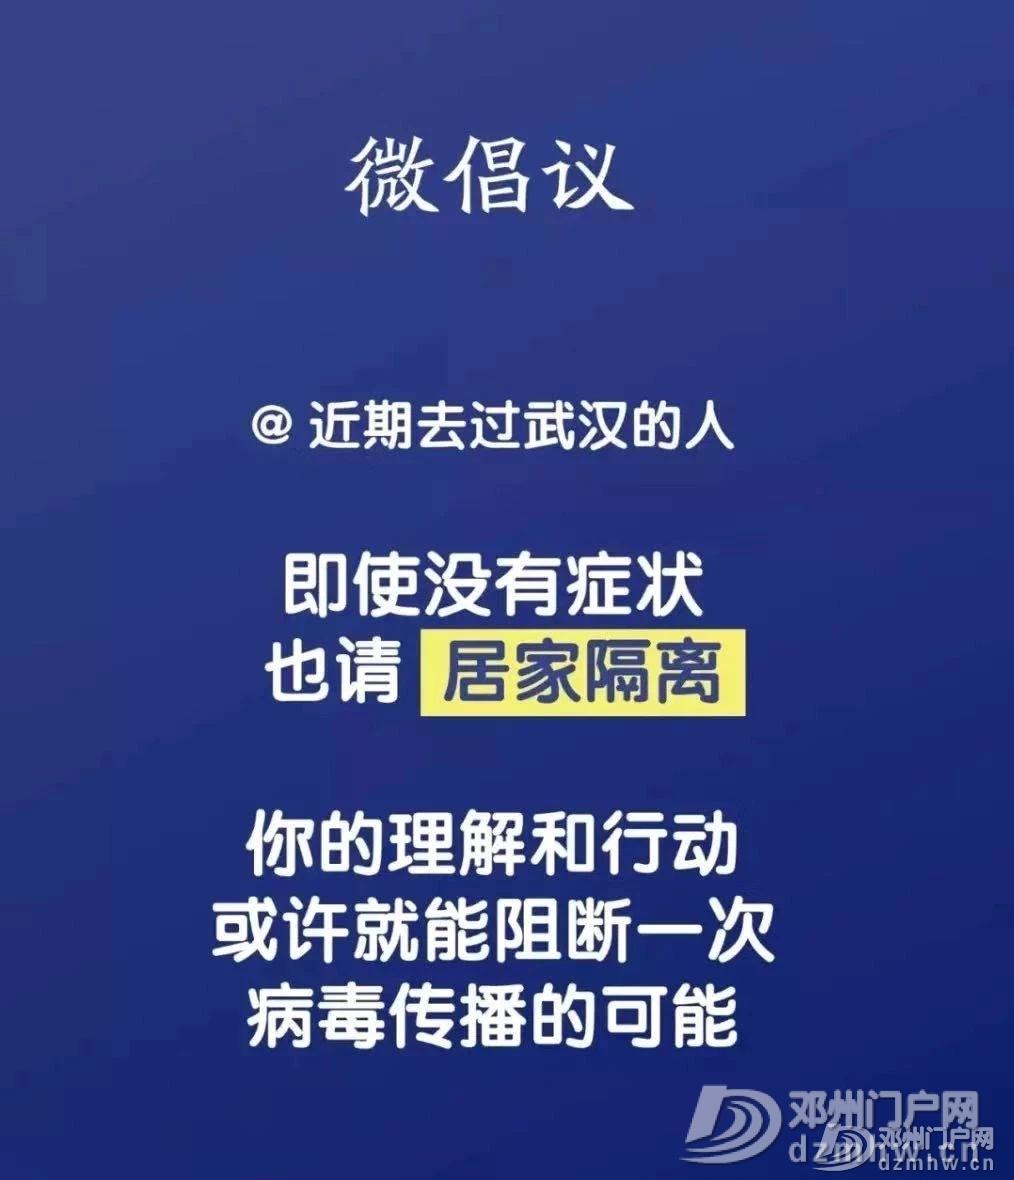 南阳确诊15例,死亡1例;南阳高速和普通公路实行交通管制的通告 - 邓州门户网|邓州网 - 5d4bf20dfd6be40243f5c8f701ca7842.jpg